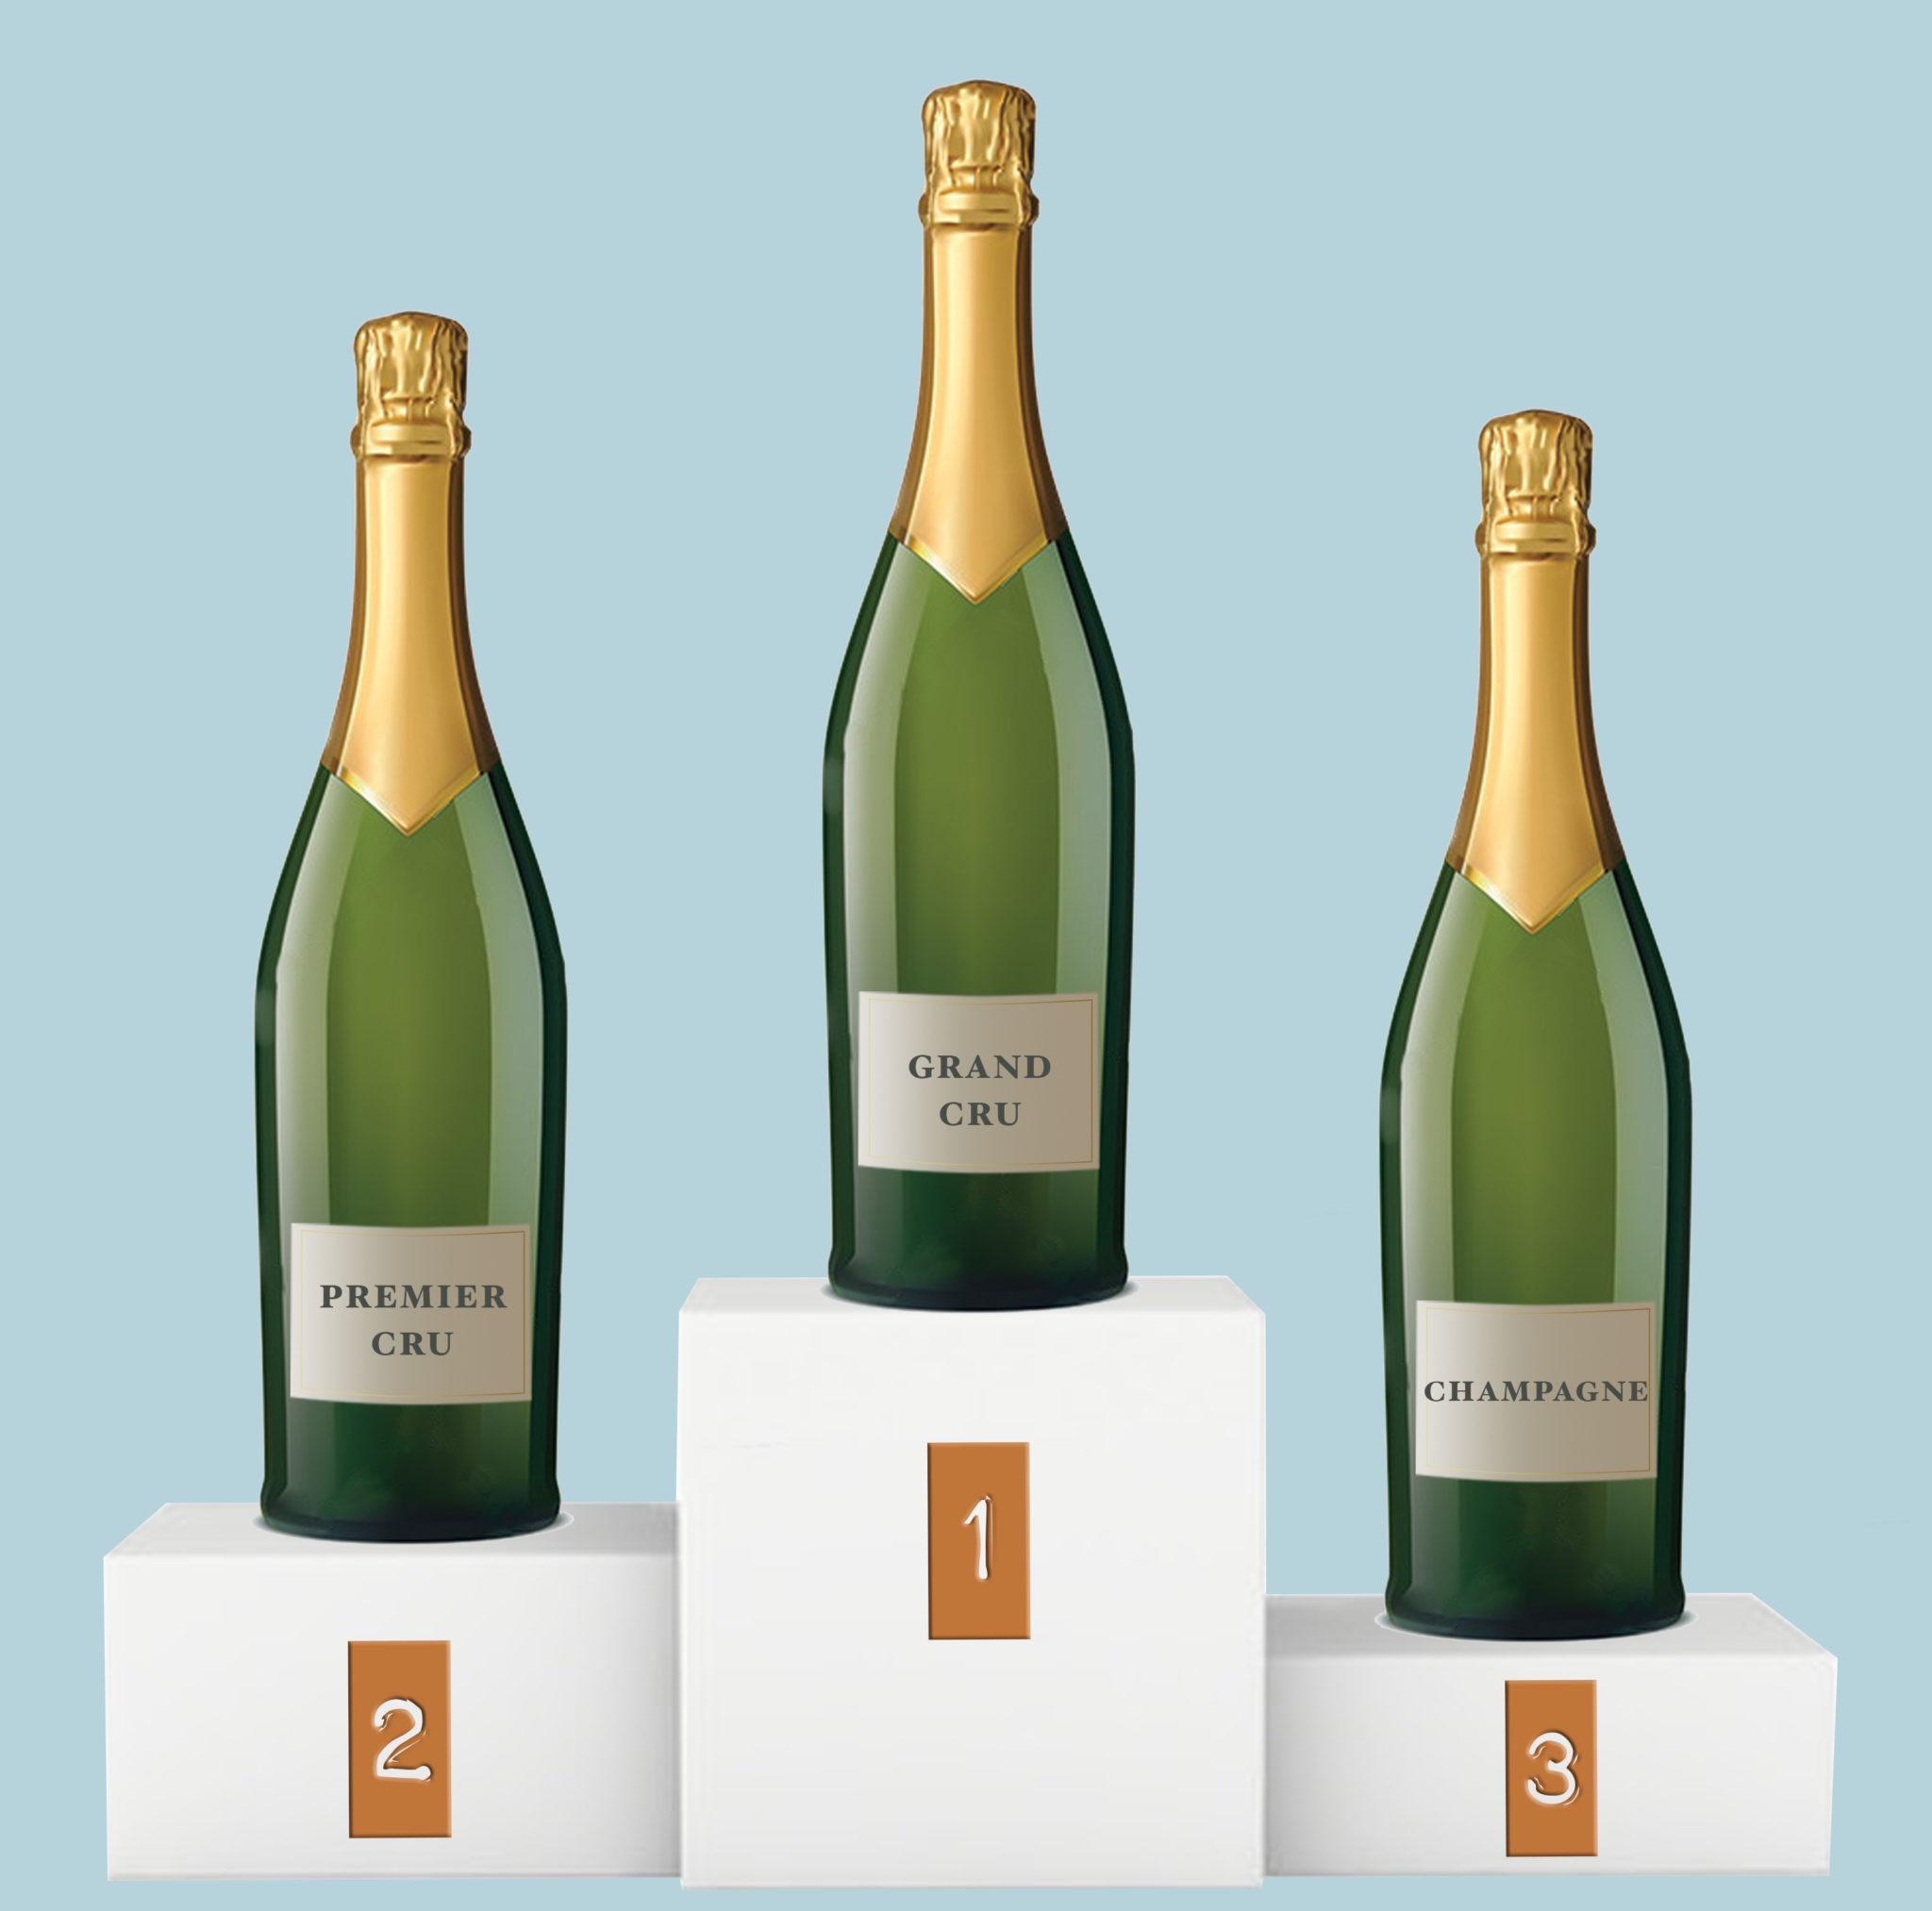 champagne-premier-cru-grand-cru